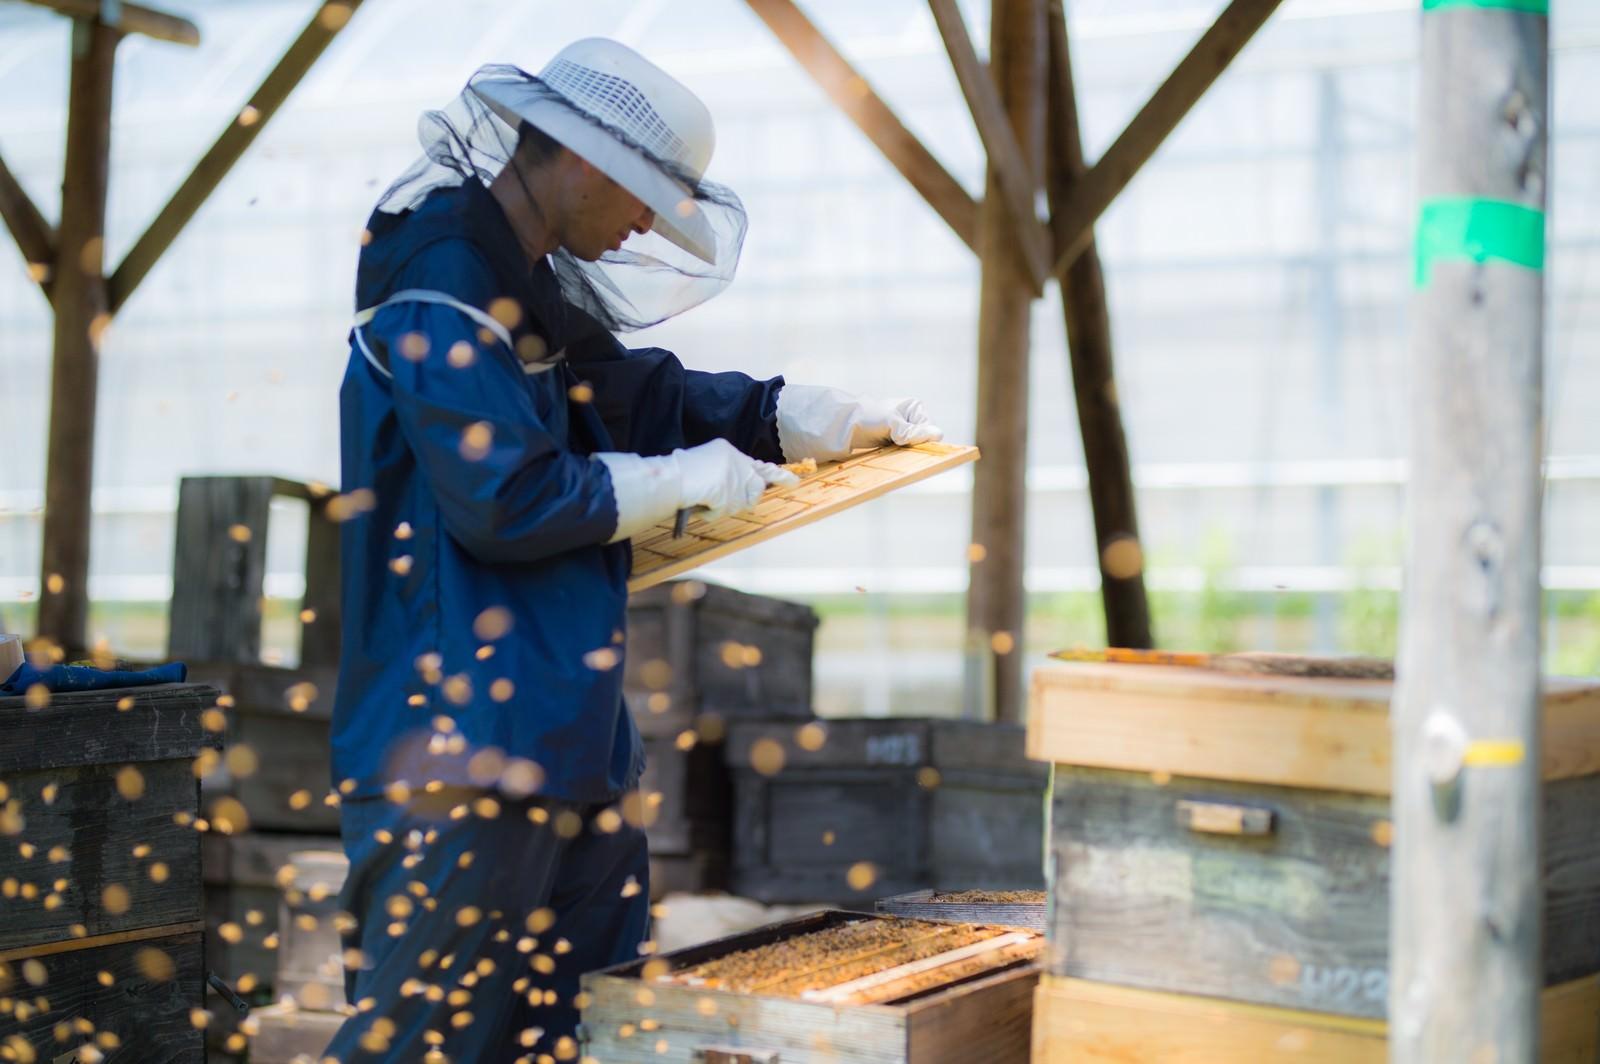 「ミツバチに囲まれながら作業する養蜂家」の写真